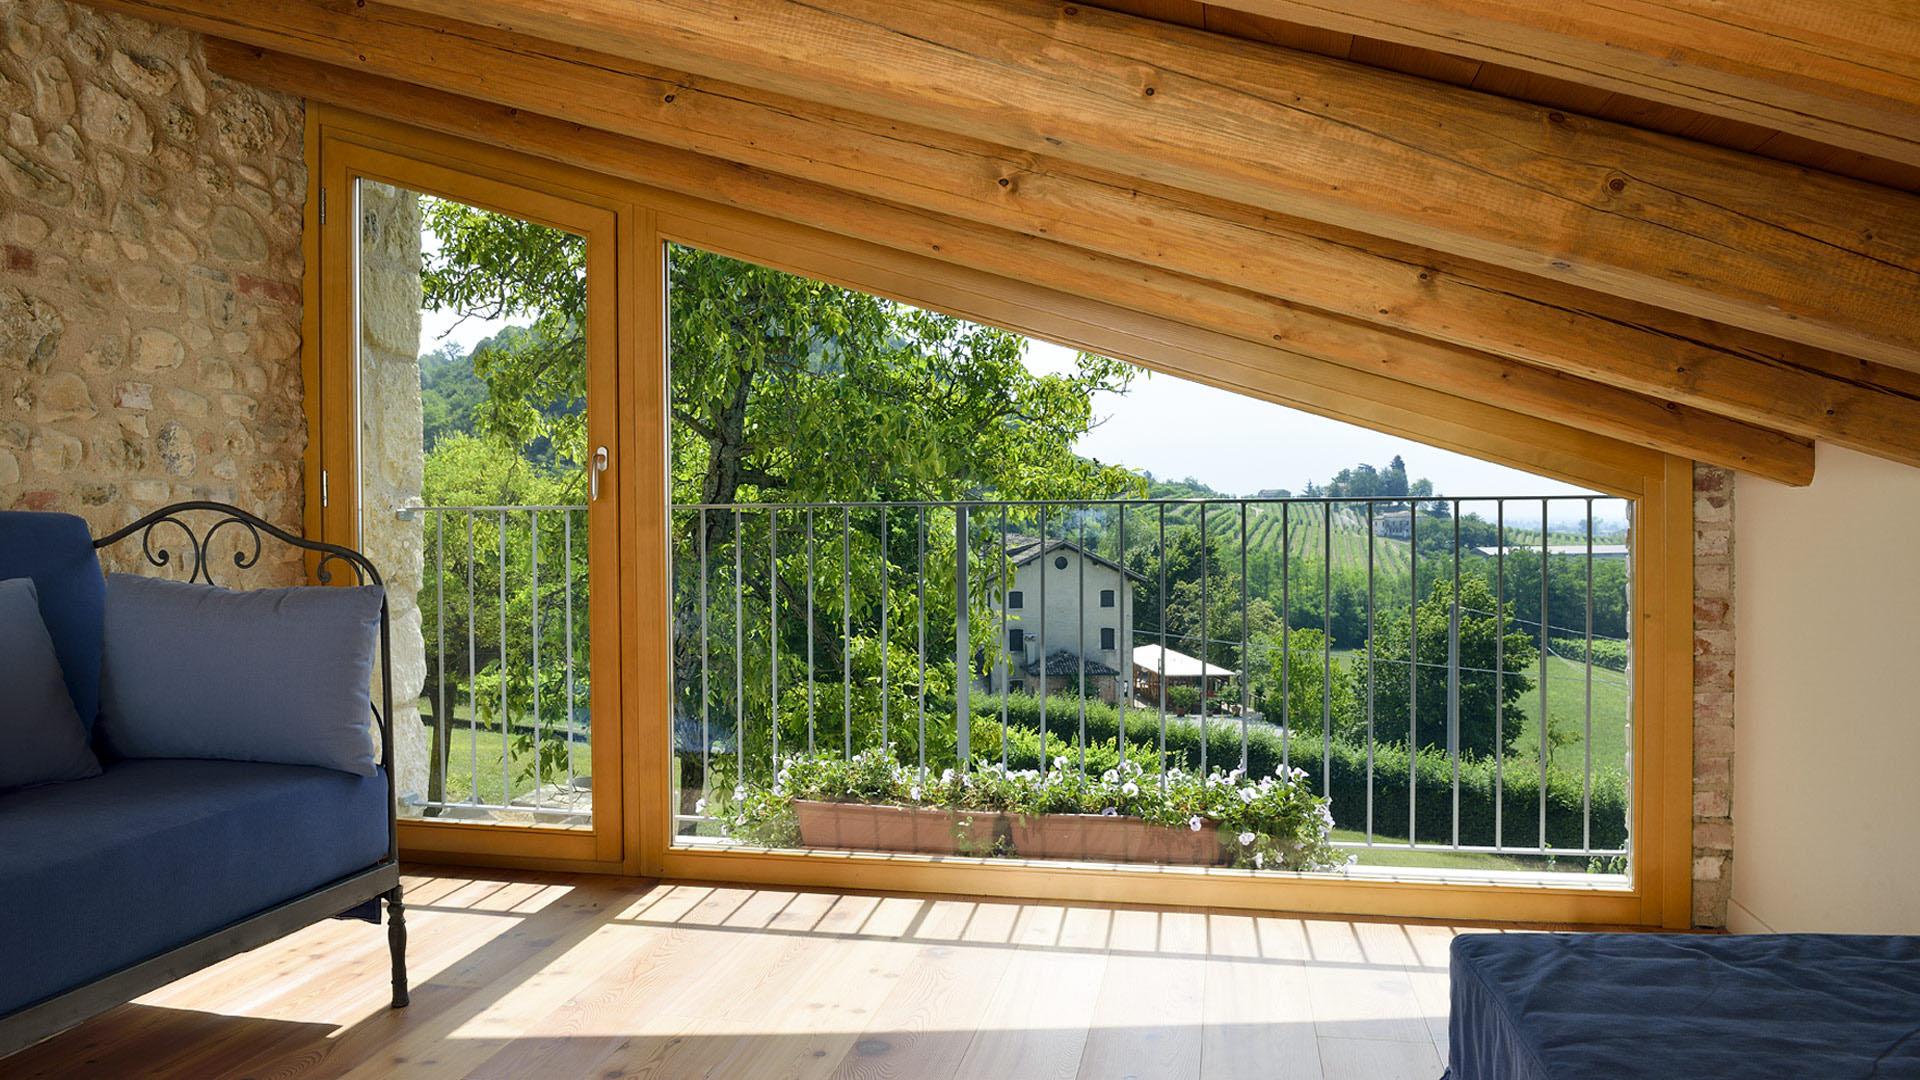 Finestre legno parquet genova - Finestre in legno ...